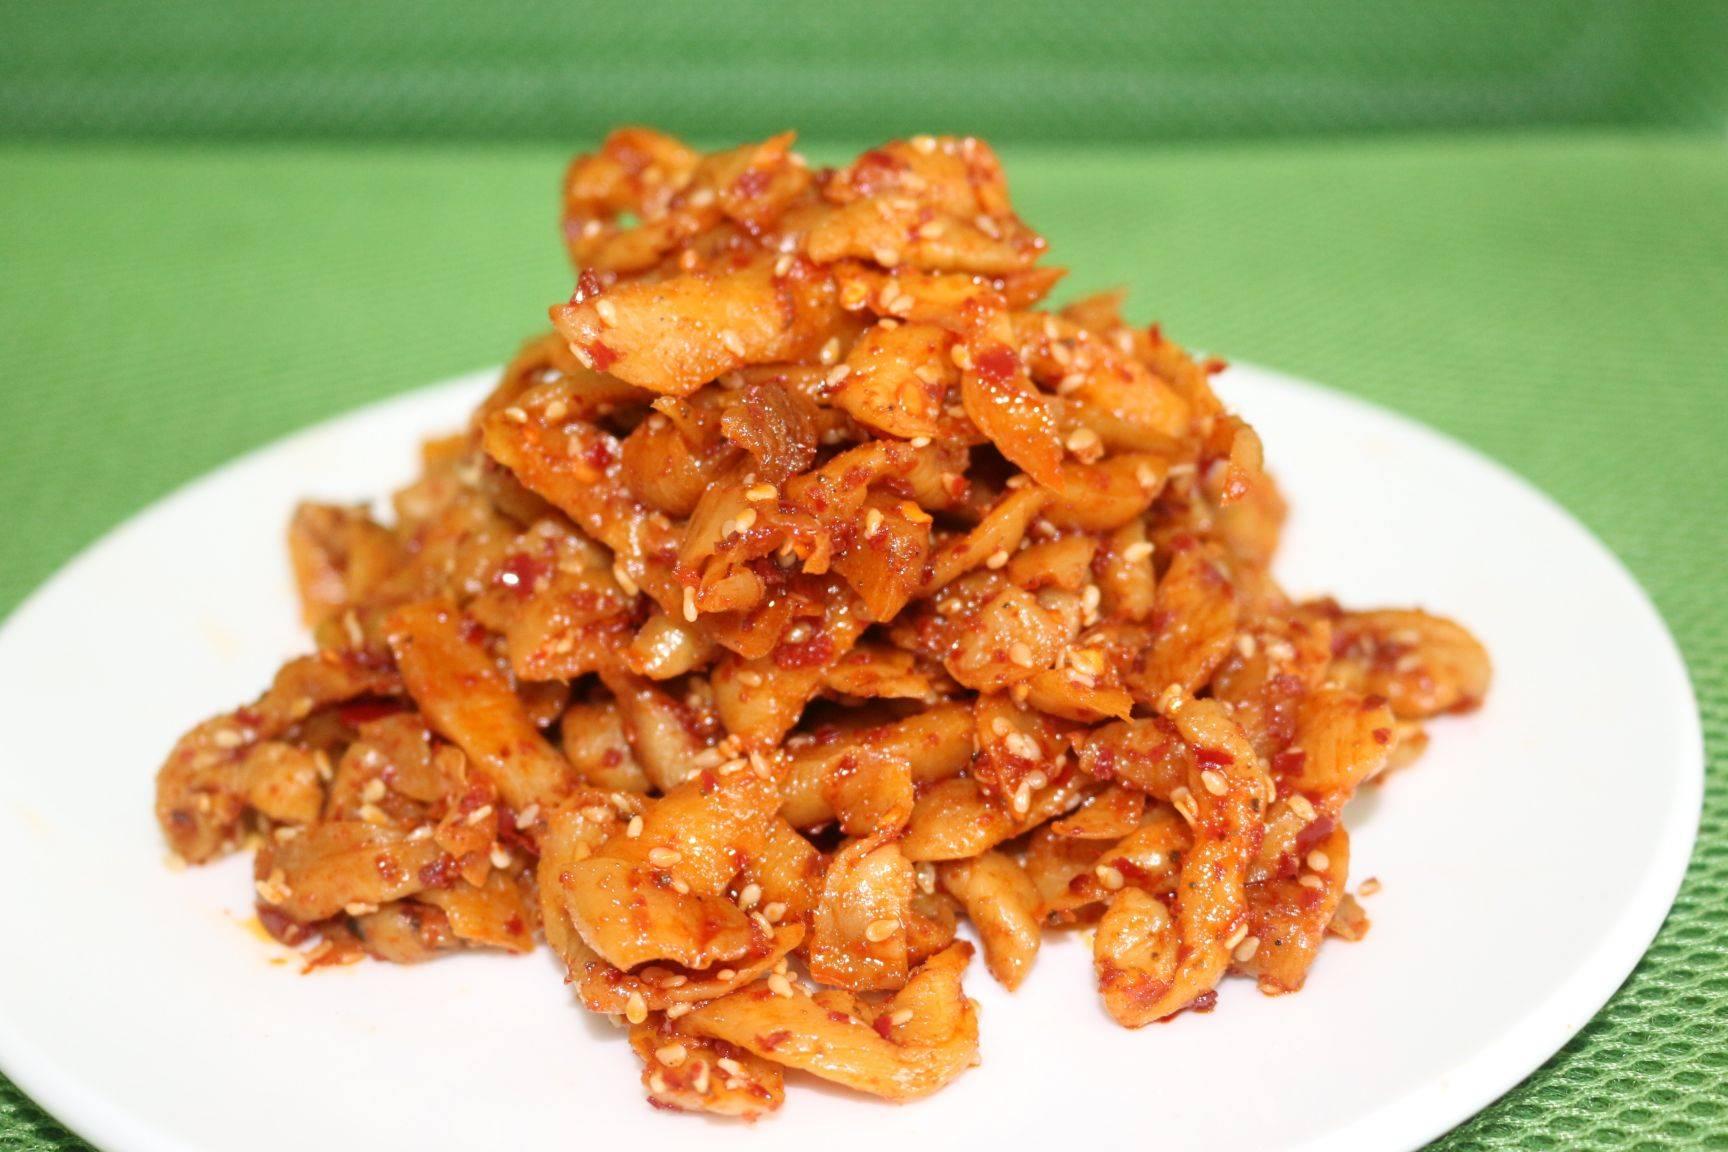 腌制蘿卜干 四川麻辣蘿卜干紅油蘿卜干下飯菜